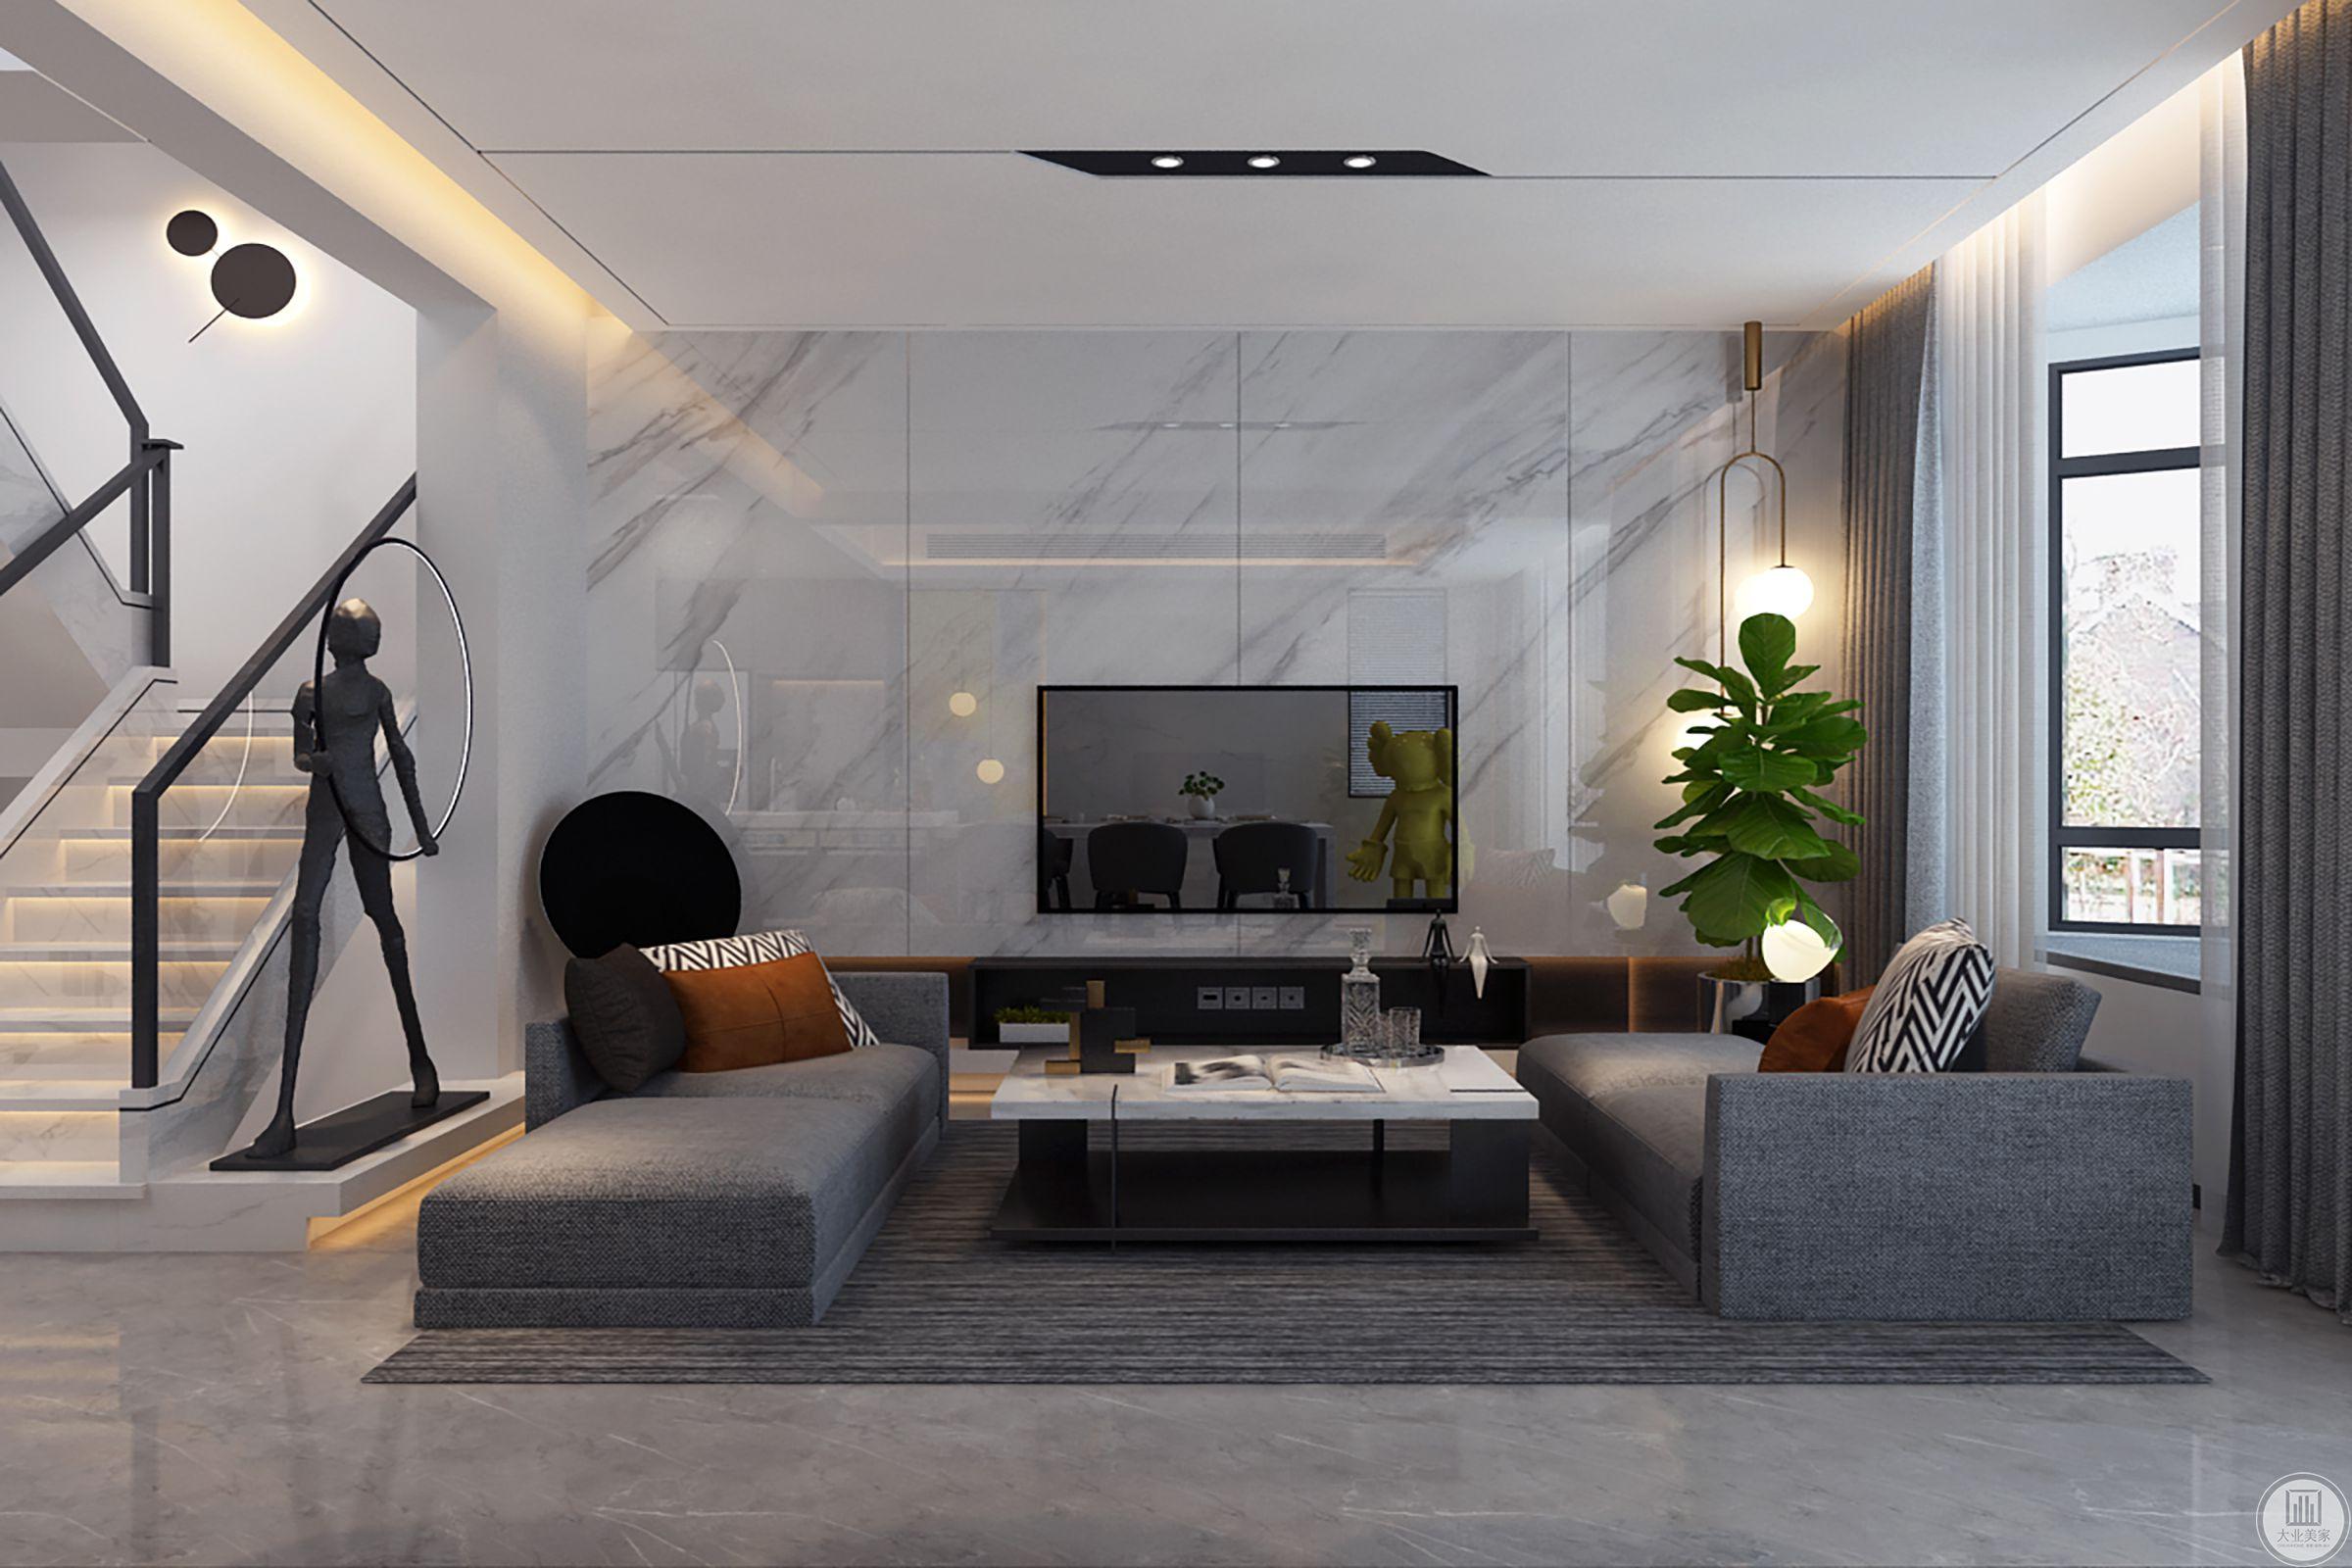 客厅柔软的圆毯上安静的沙发对望着相邻的黑白分明的长条餐桌,和着曲调各异的背景音乐和智能灯光氛围,既可以享受喧闹的都市感,又能静静品味咖啡味道的静谧。